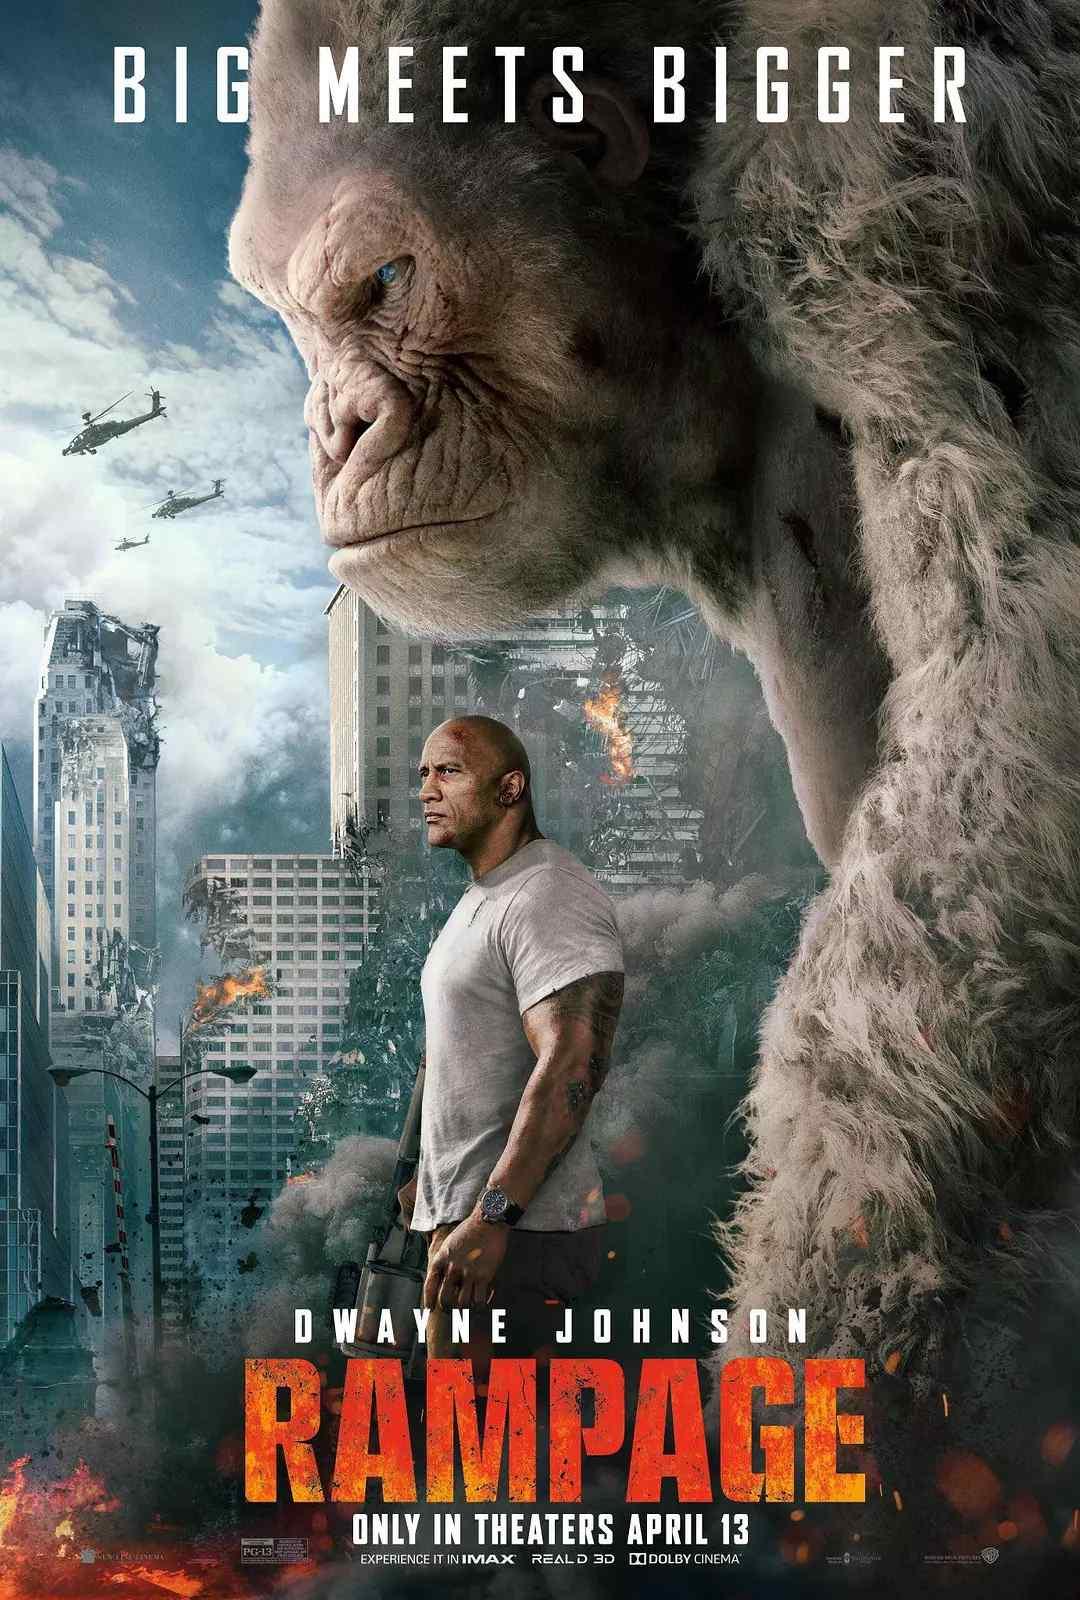 狂暴巨兽巨猩强森版正式海报